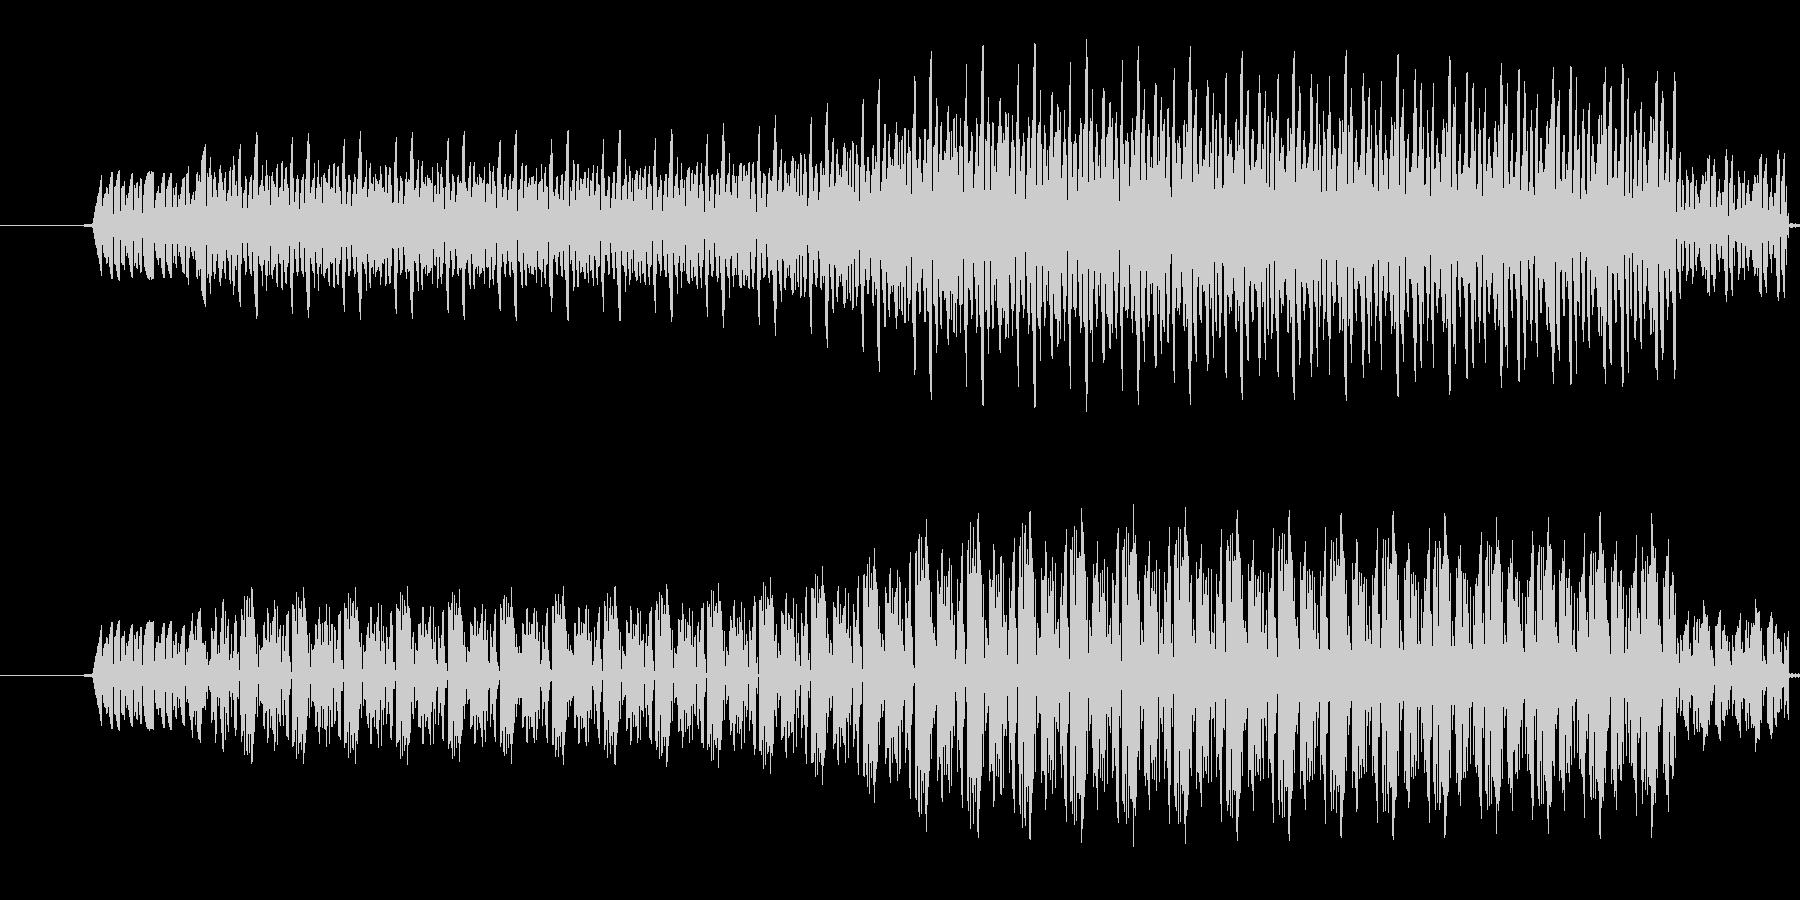 【効果音/ブー/電子音/ブザー】の未再生の波形